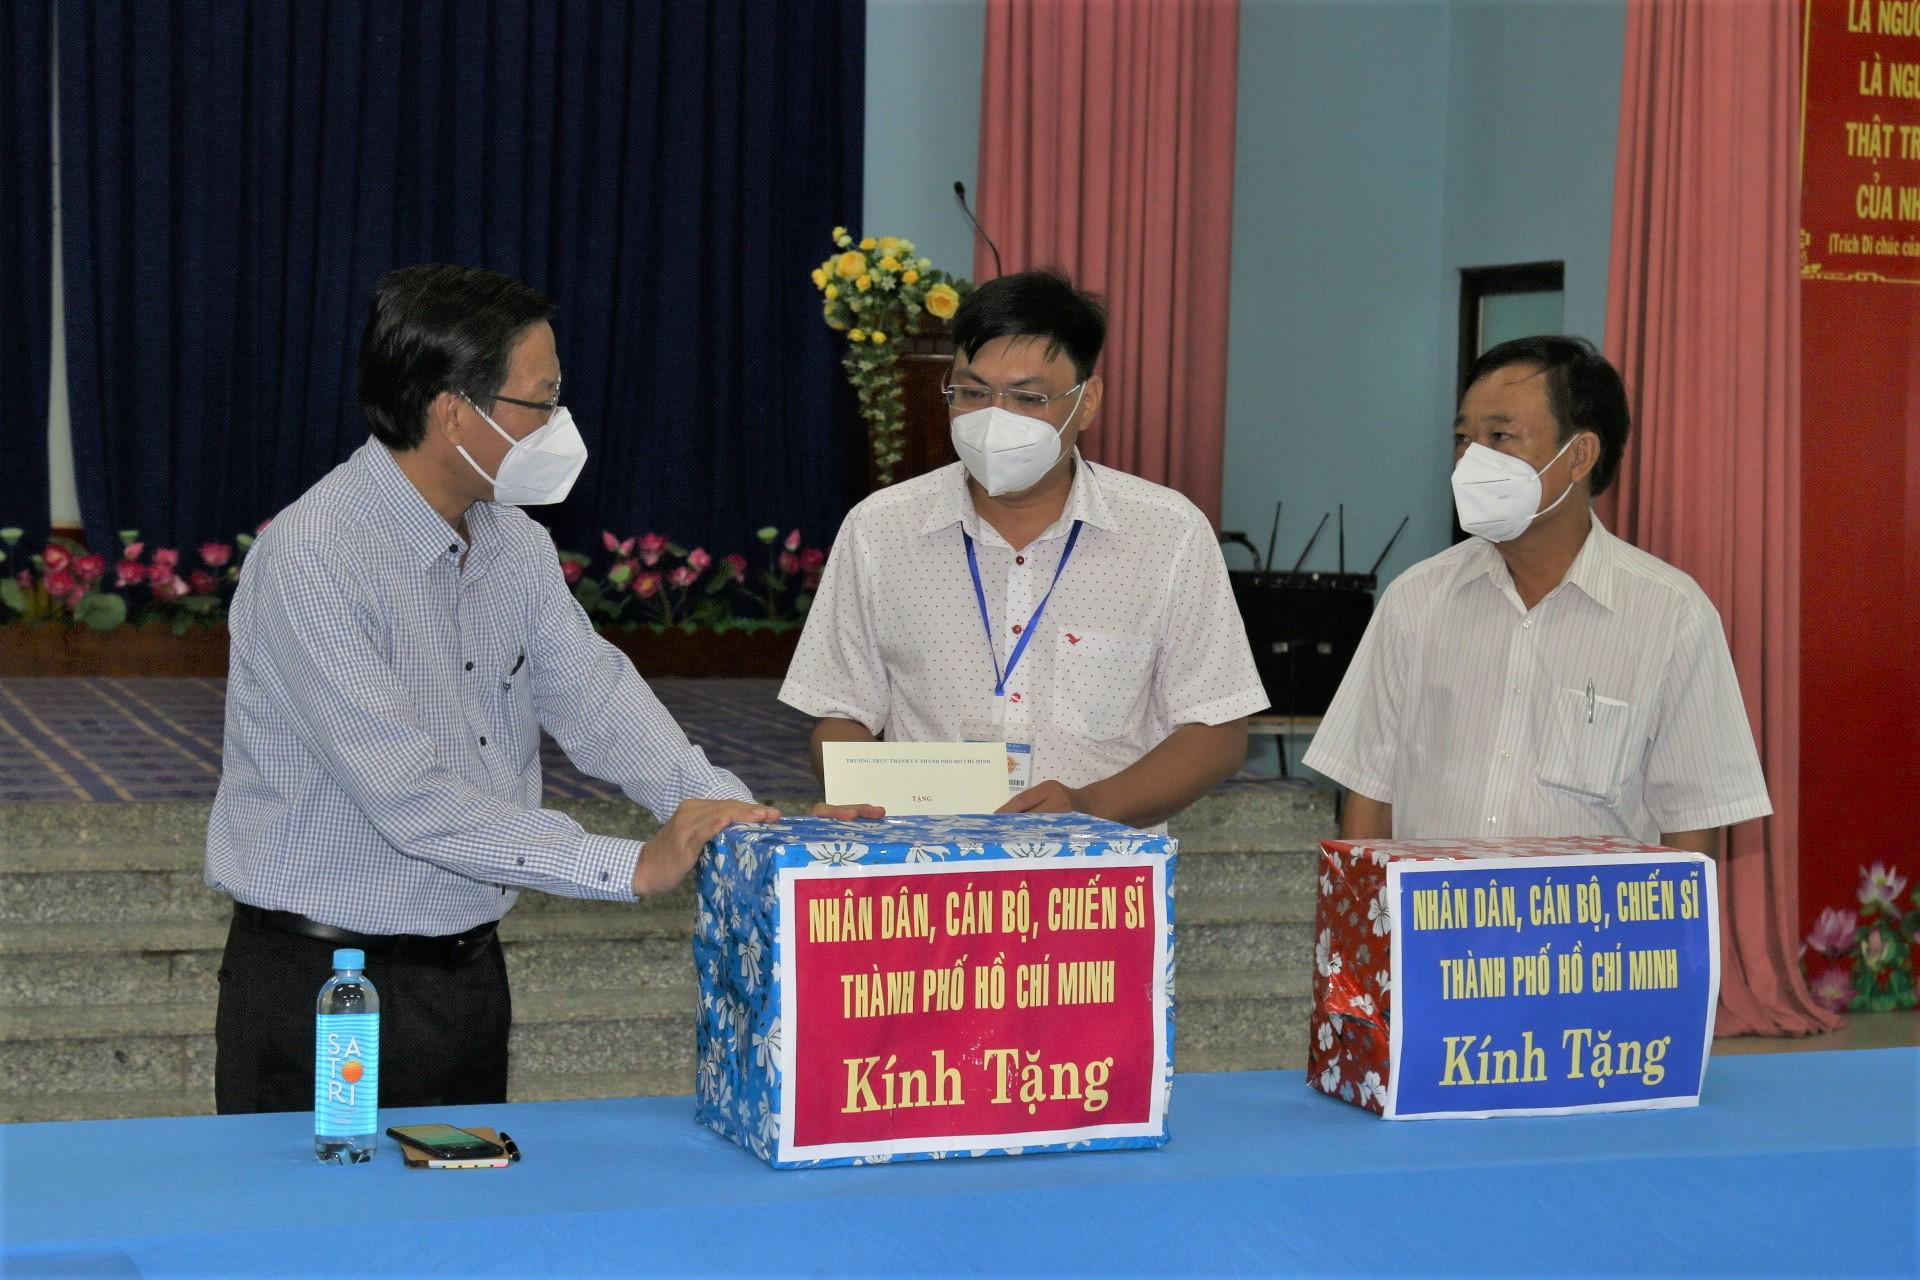 Phó bí thư Thường trực Thành ủy Phan Văn Mãi trao tặng UBND phường 7, quận 8 bốn phần quà bao gồm nước rửa tay, khẩu trang, kính chống giọt bắn...